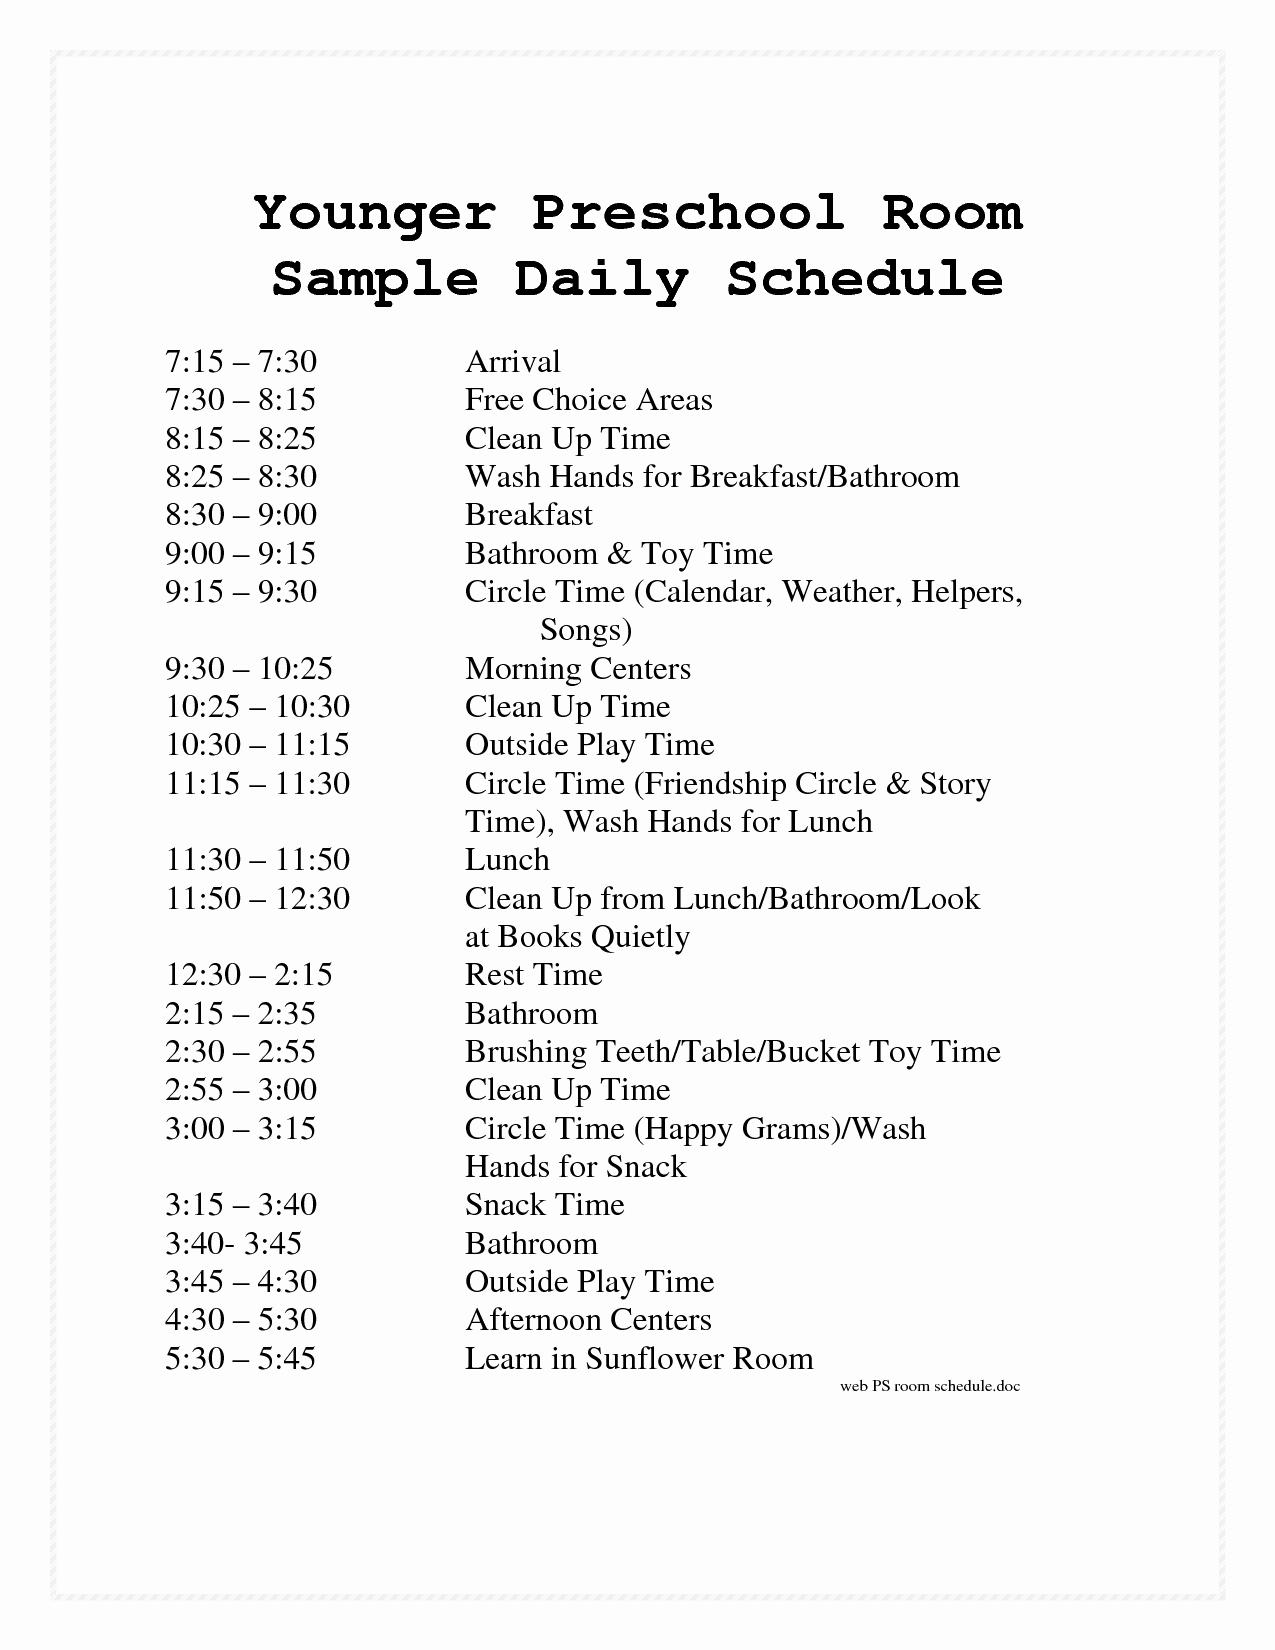 Preschool Daily Schedule Template Beautiful Preschool Daily Schedule Template